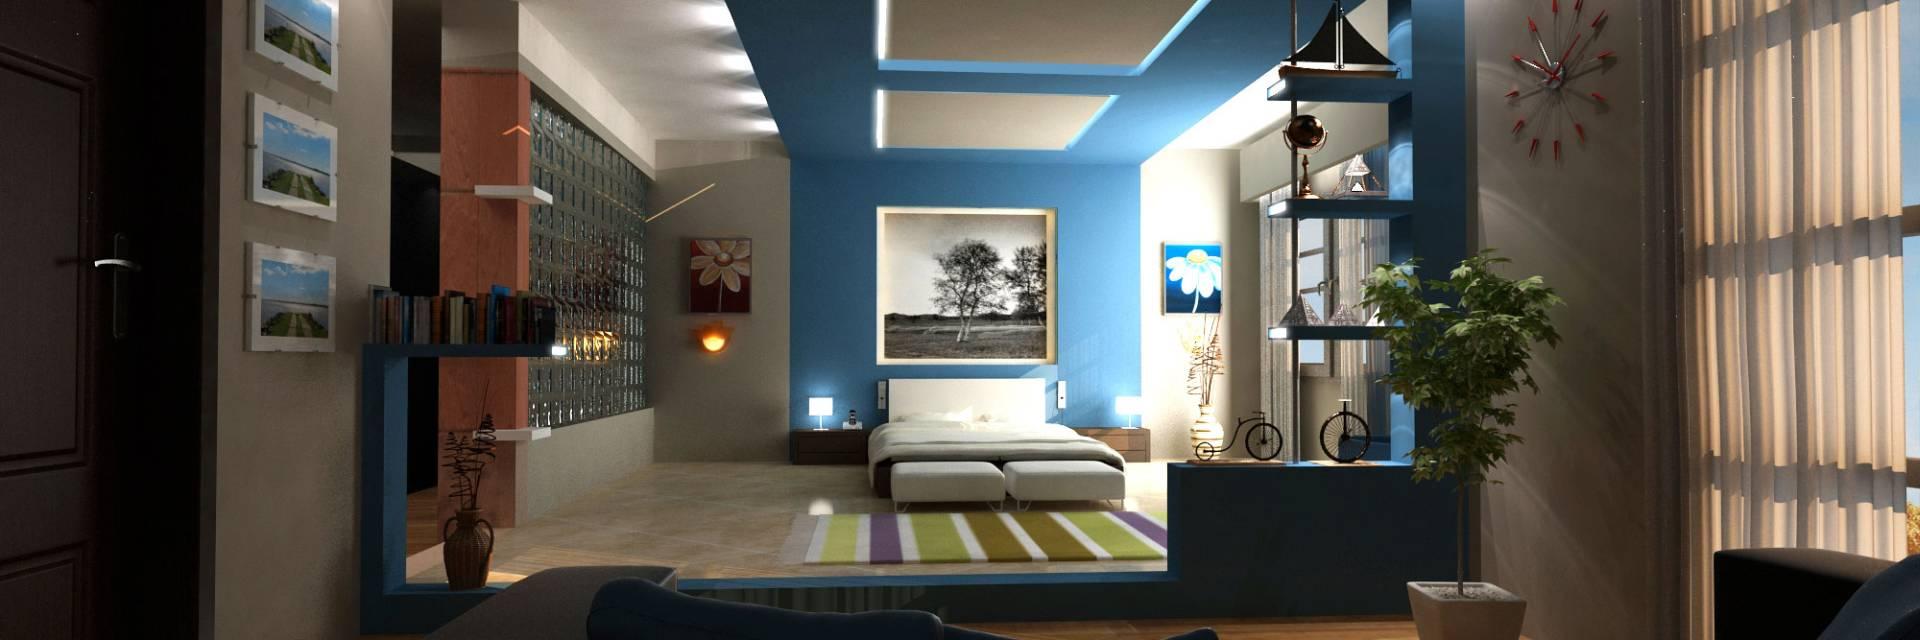 Al-Hooqani-Architechtural-Design-4